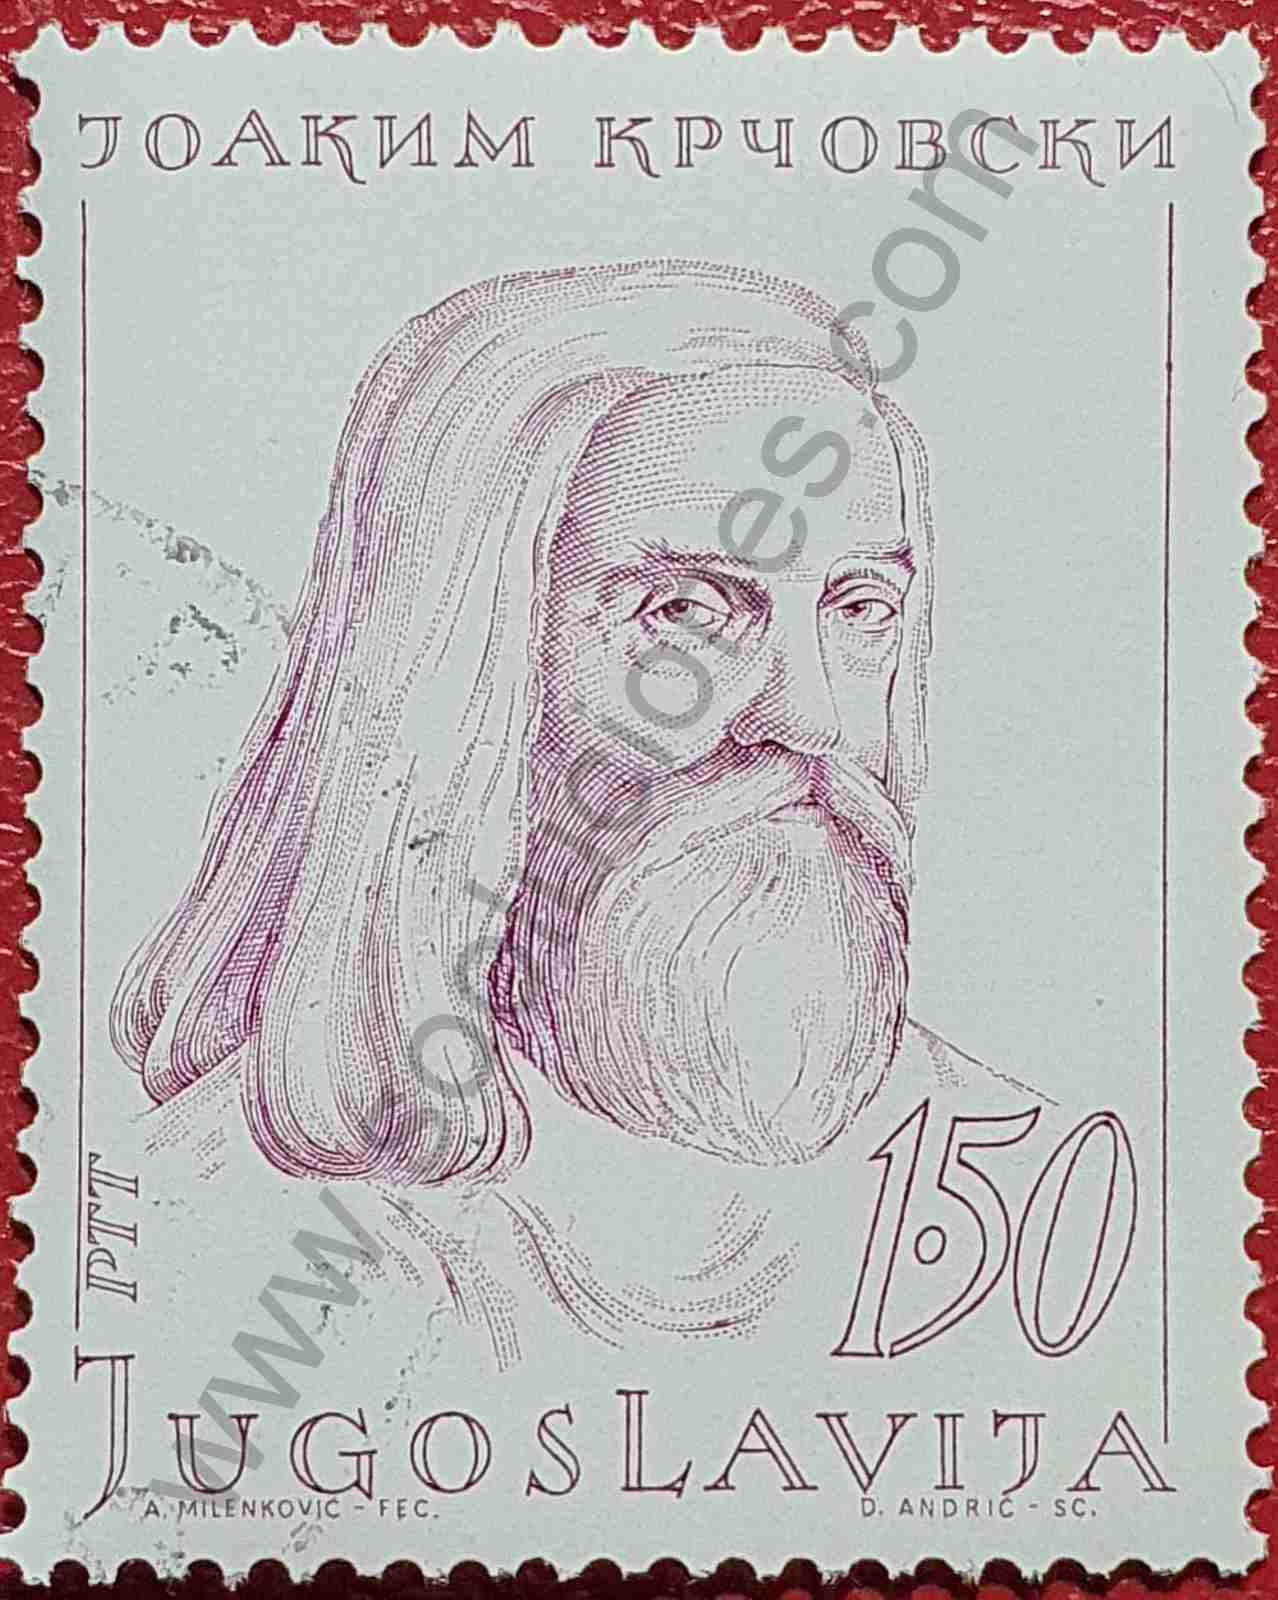 Sello Joachim Krcovski - Yugoslavia 1970